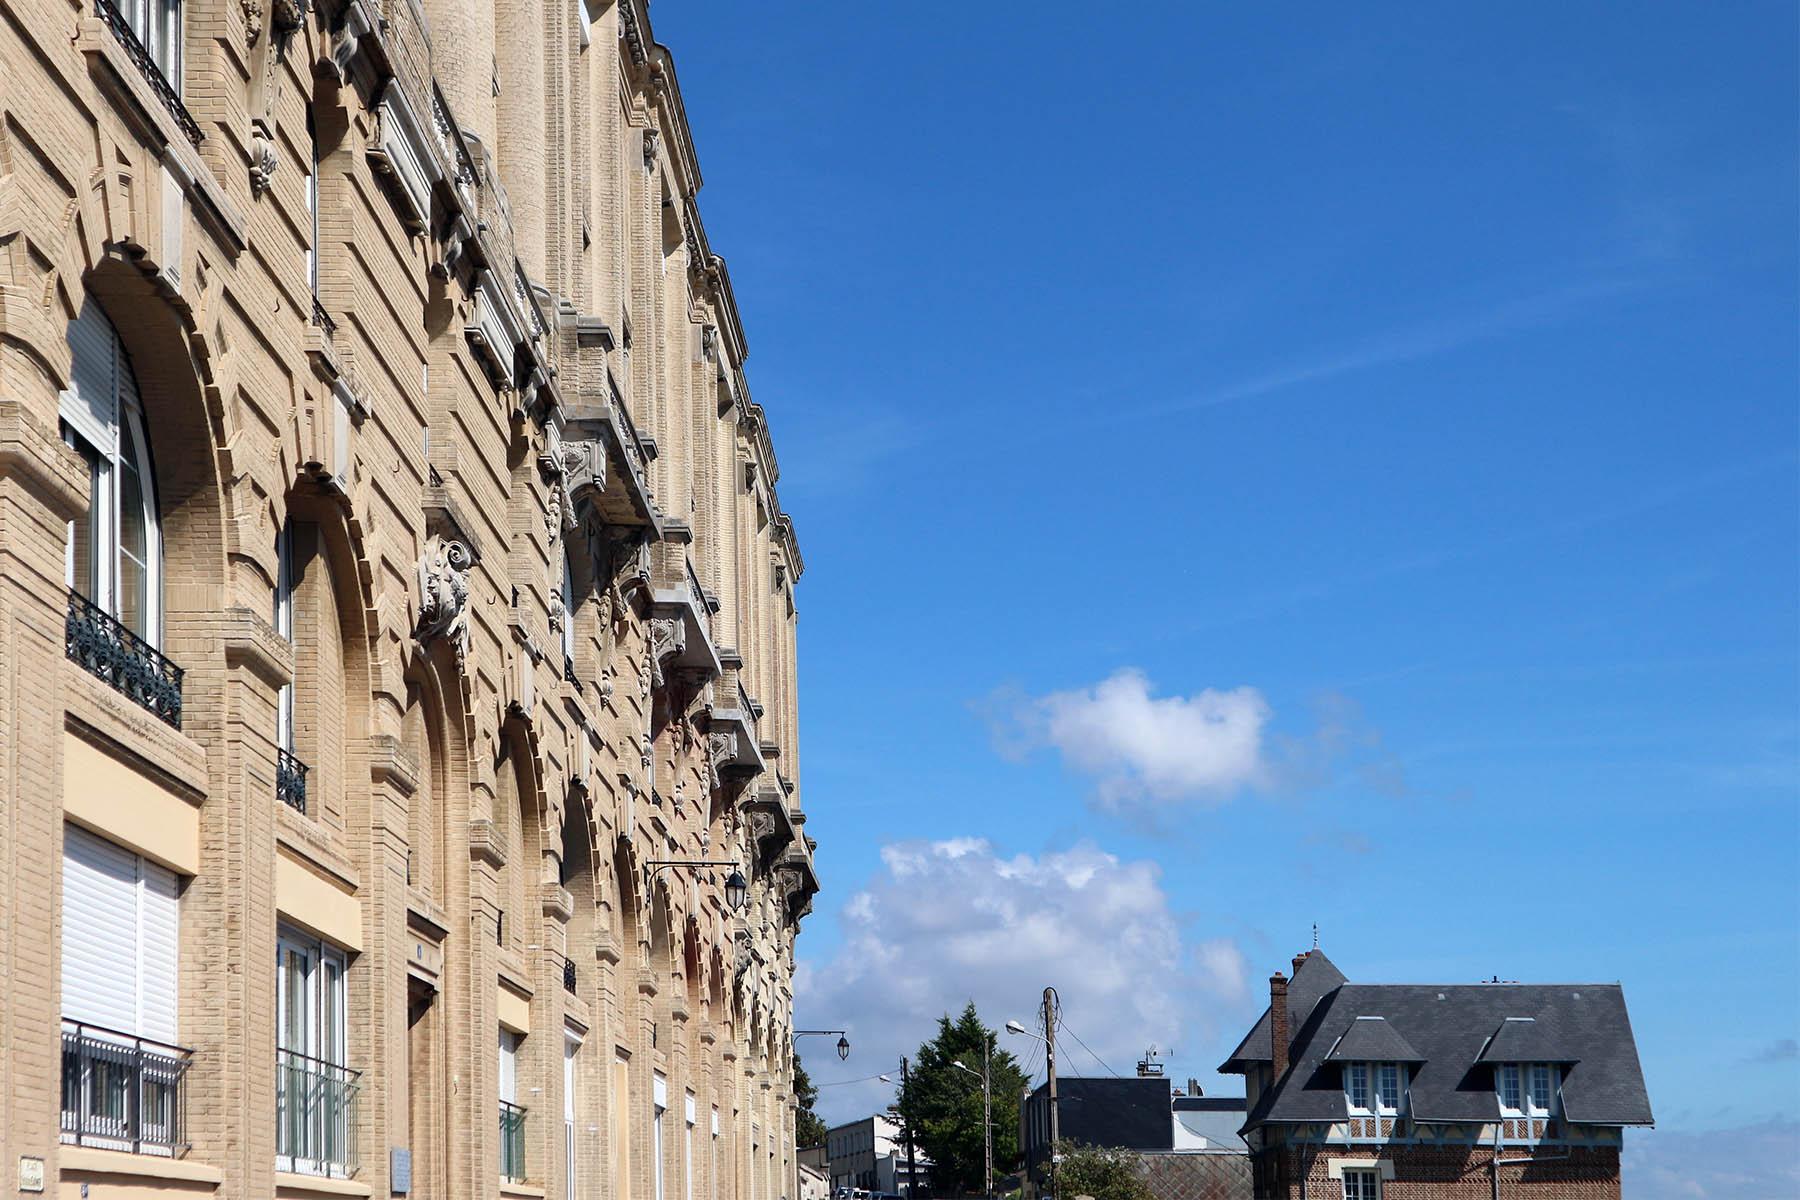 Sainte-Adresse. In den 1870er-Jahren wurde er mit einer Straßenbahn an Le Havre angebunden. An ihrer Endstation, an der Place Frederic Sauvage, ließ der Pariser Kaufhauskönig Georges Dufayel 1911 ein neoklassizistisches Erholungsheim für seine Angestellten errichten. Das blieb es aber nicht lange. Infolge des ersten Weltkriegs floh die belgische Regierung nach Frankreich. Von 1914-1918 wurde das Hotel an der Place Frederic Sauvage ihre Residenz und Sainte-Adresse belgische Hauptstadt.